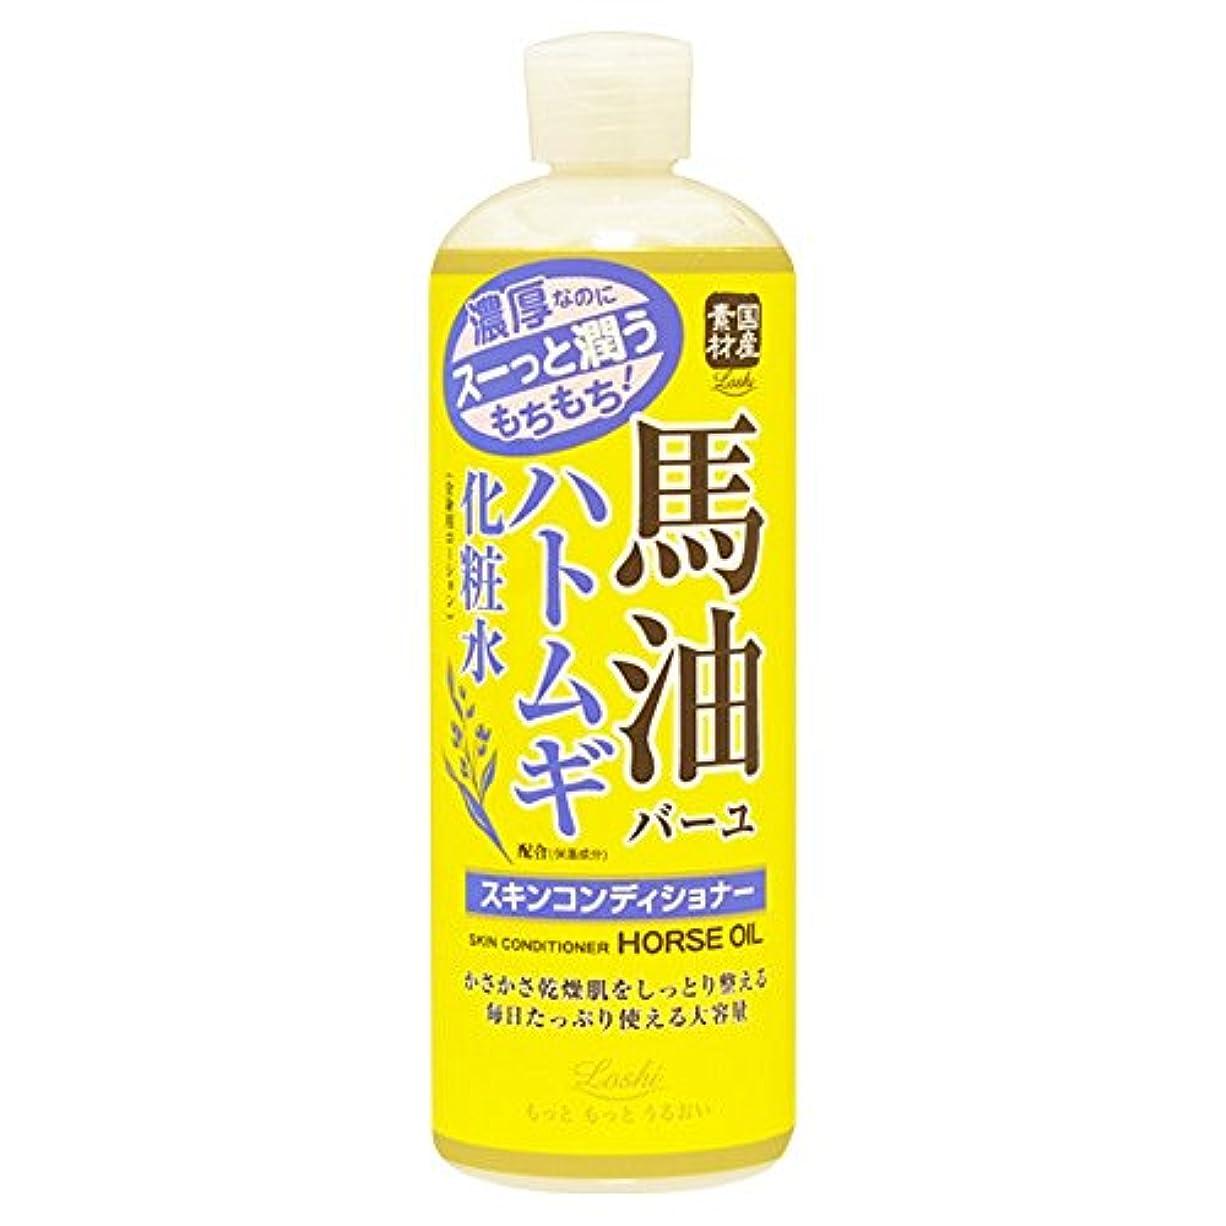 船形多数の消化器ロッシモイストエイド スキンコンディショナー 馬油&ハトムギ 500ml (化粧水 ローション 高保湿)